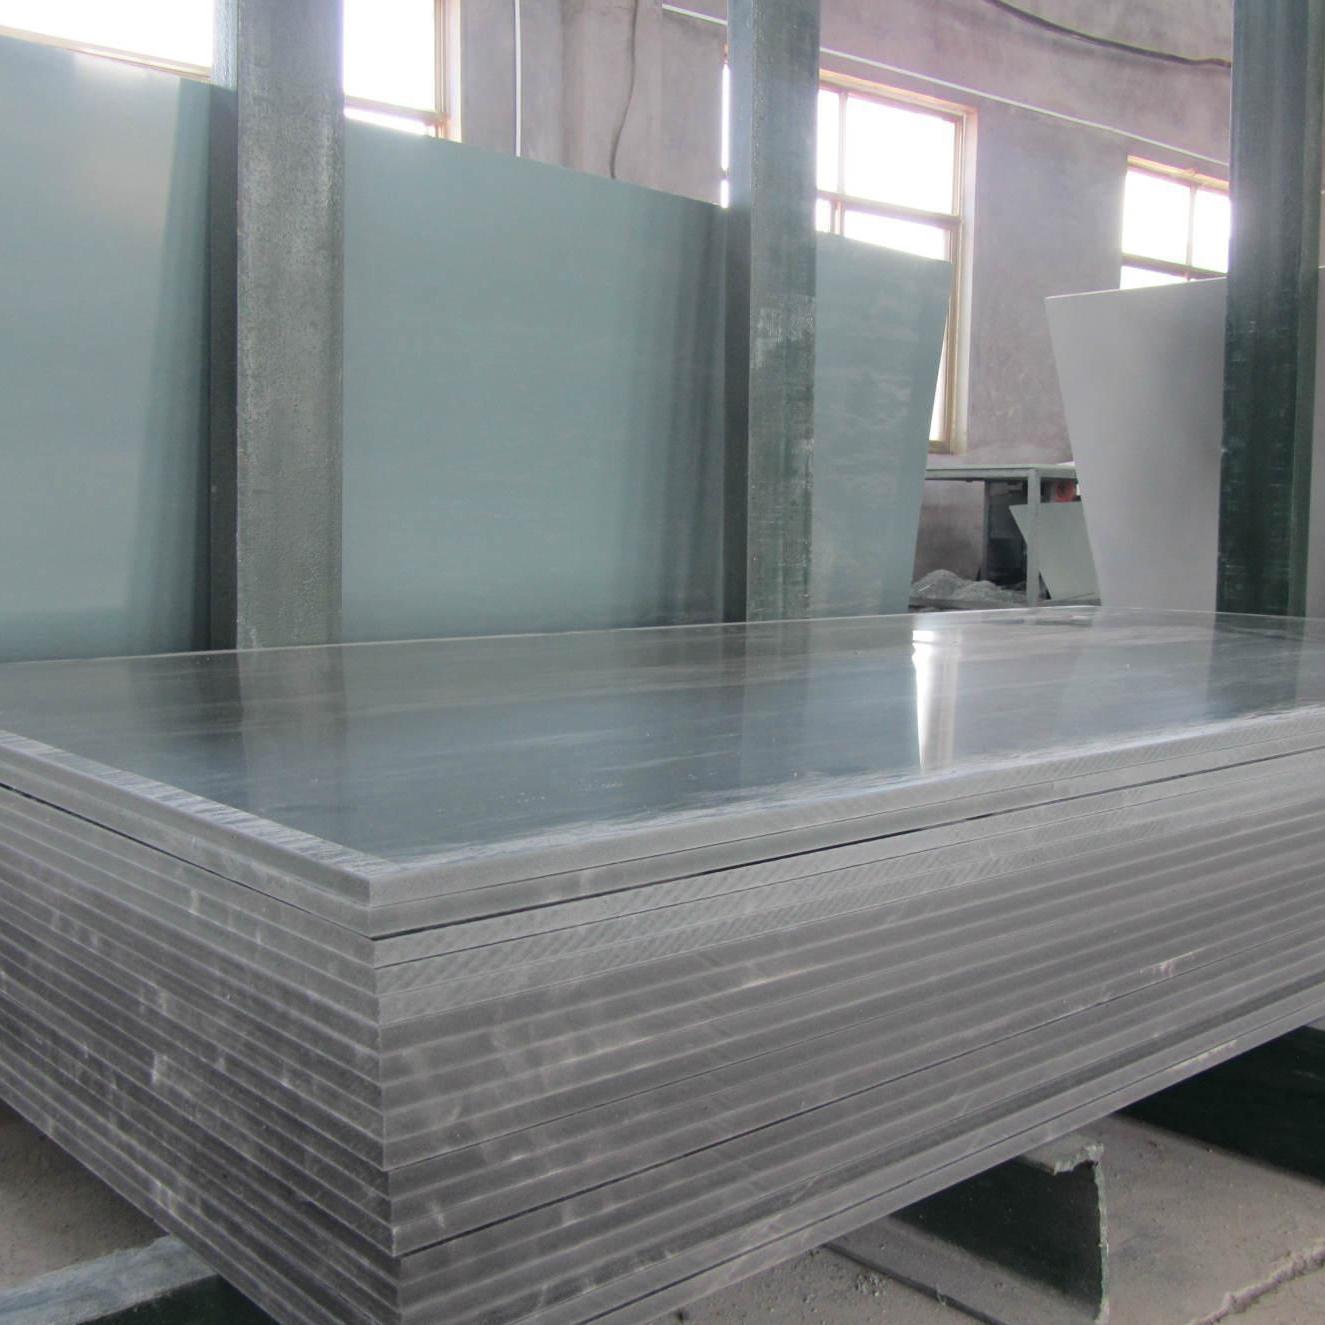 广州乾塑:塑料建筑模板开创绿色环保新时代